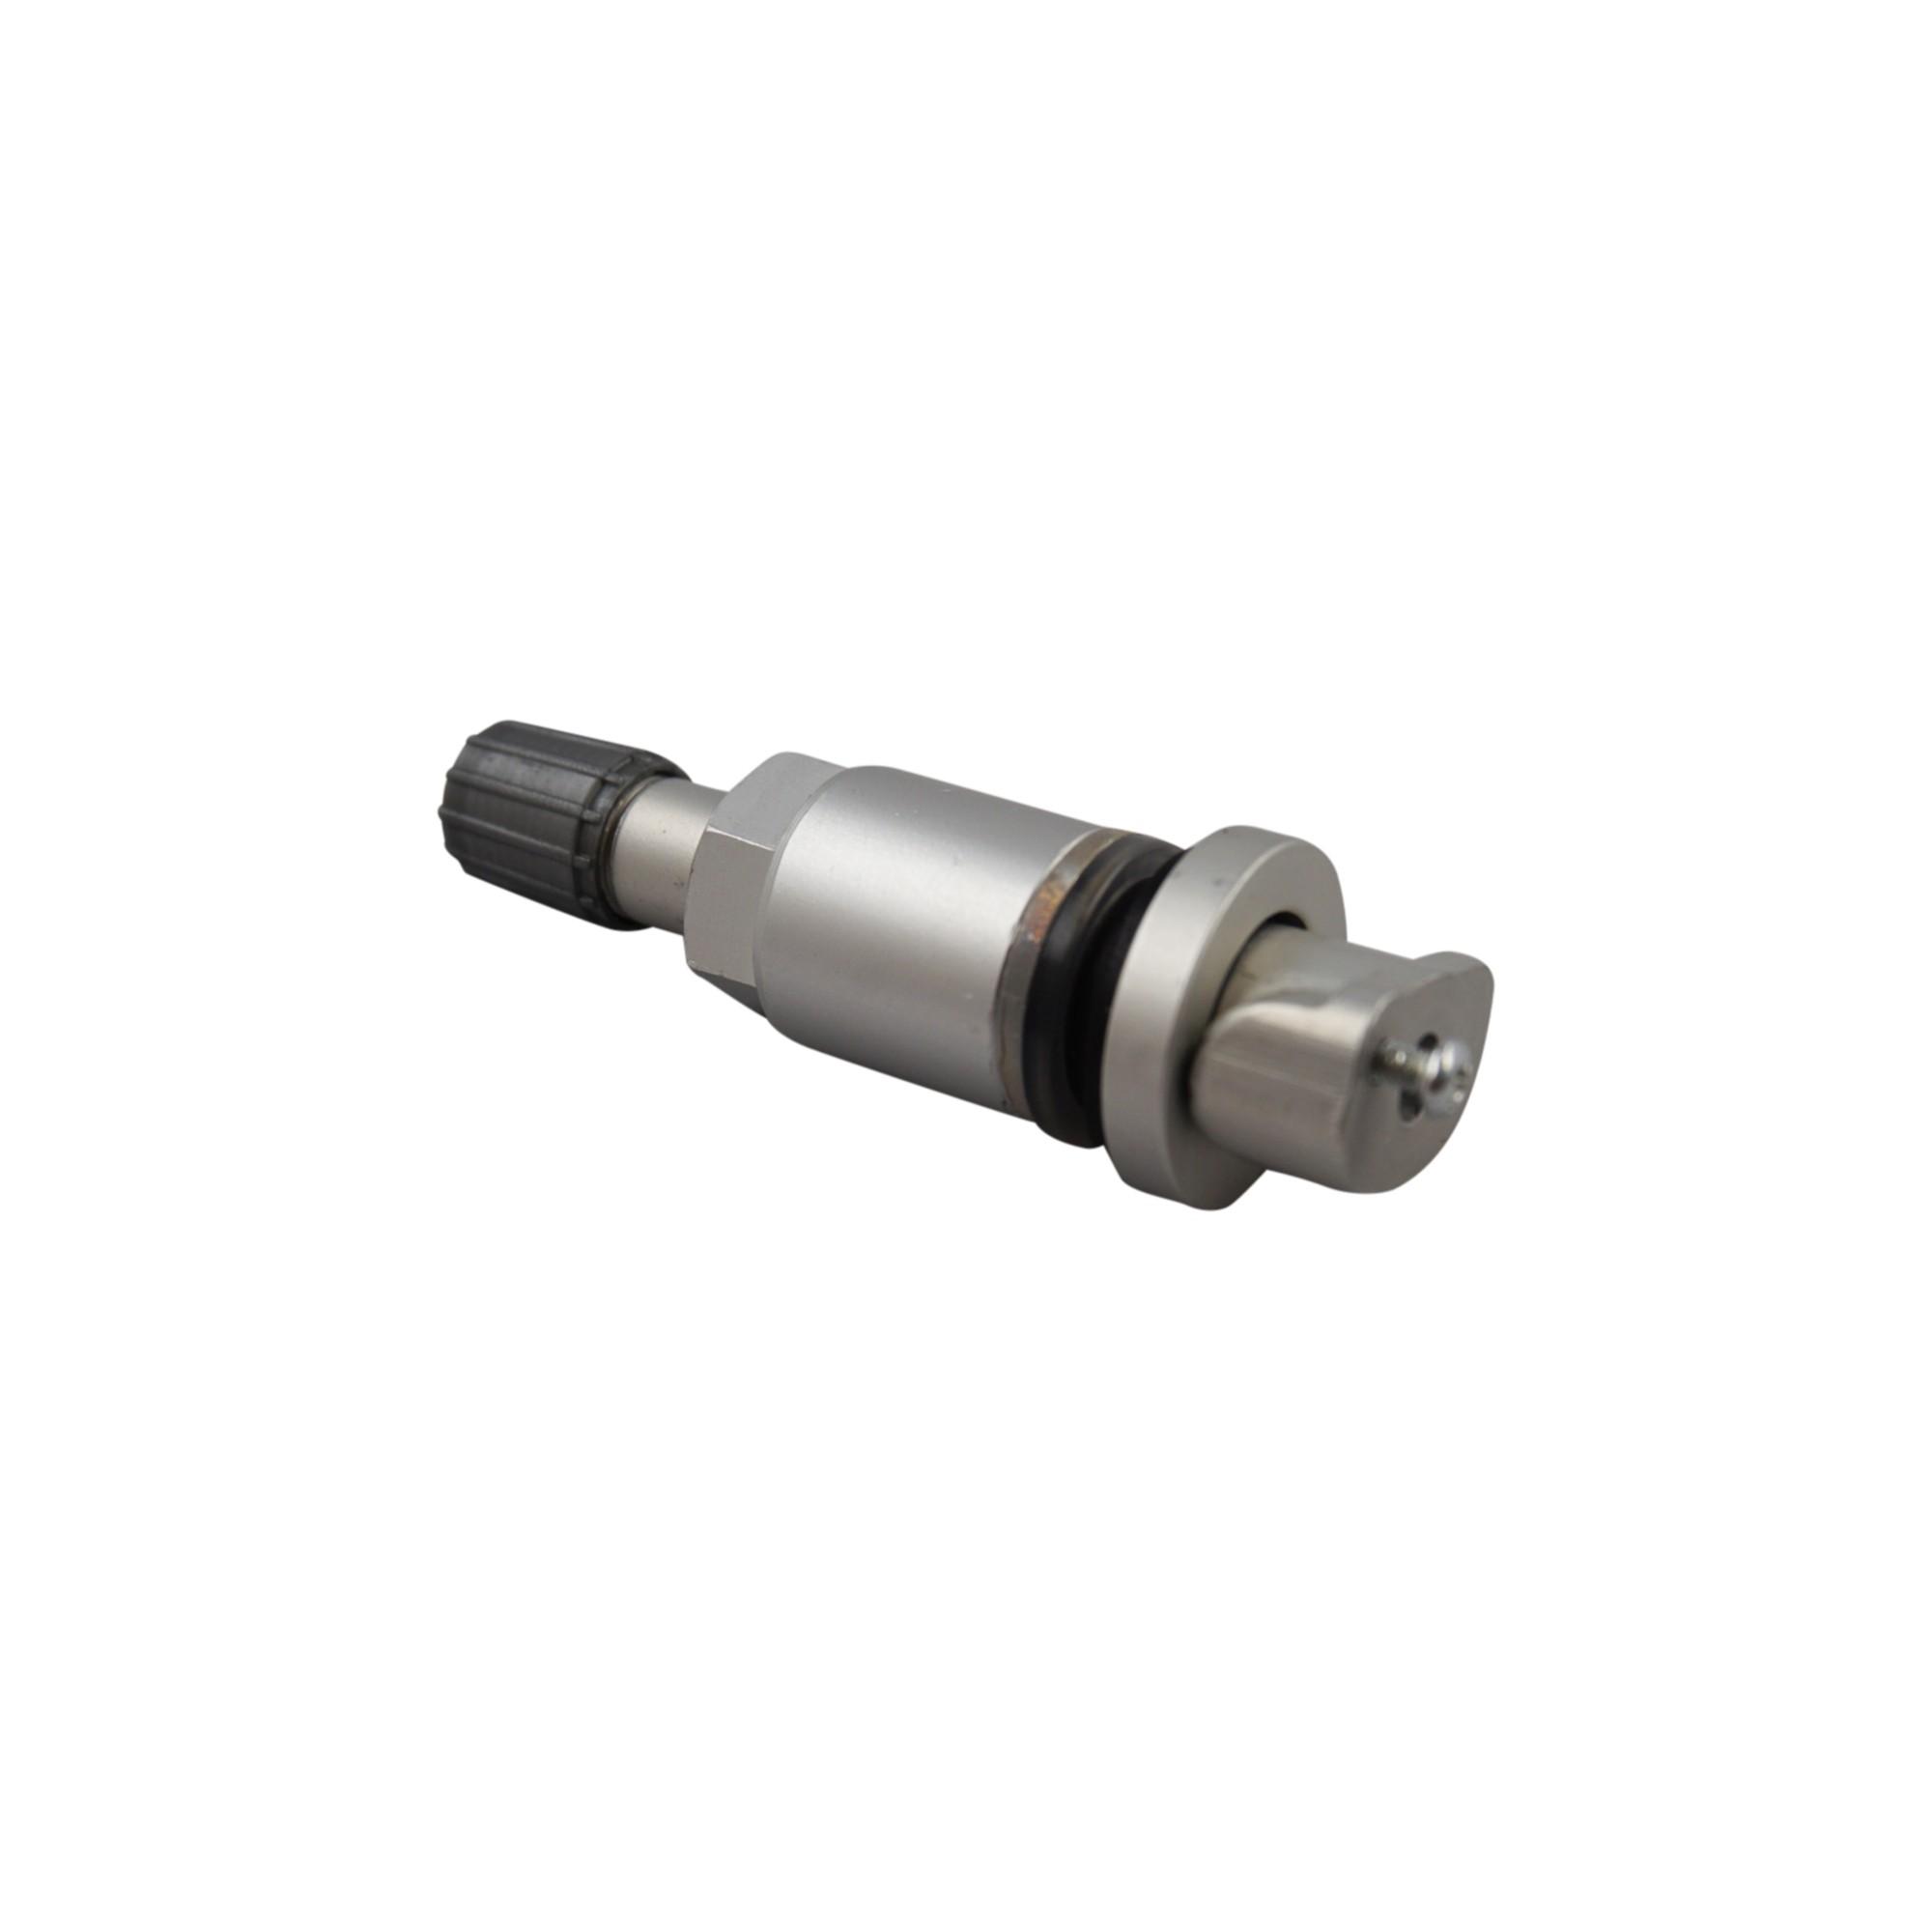 Vehículos BRODIT soporte 915168 con conector preparación para Apple iPhone 2g